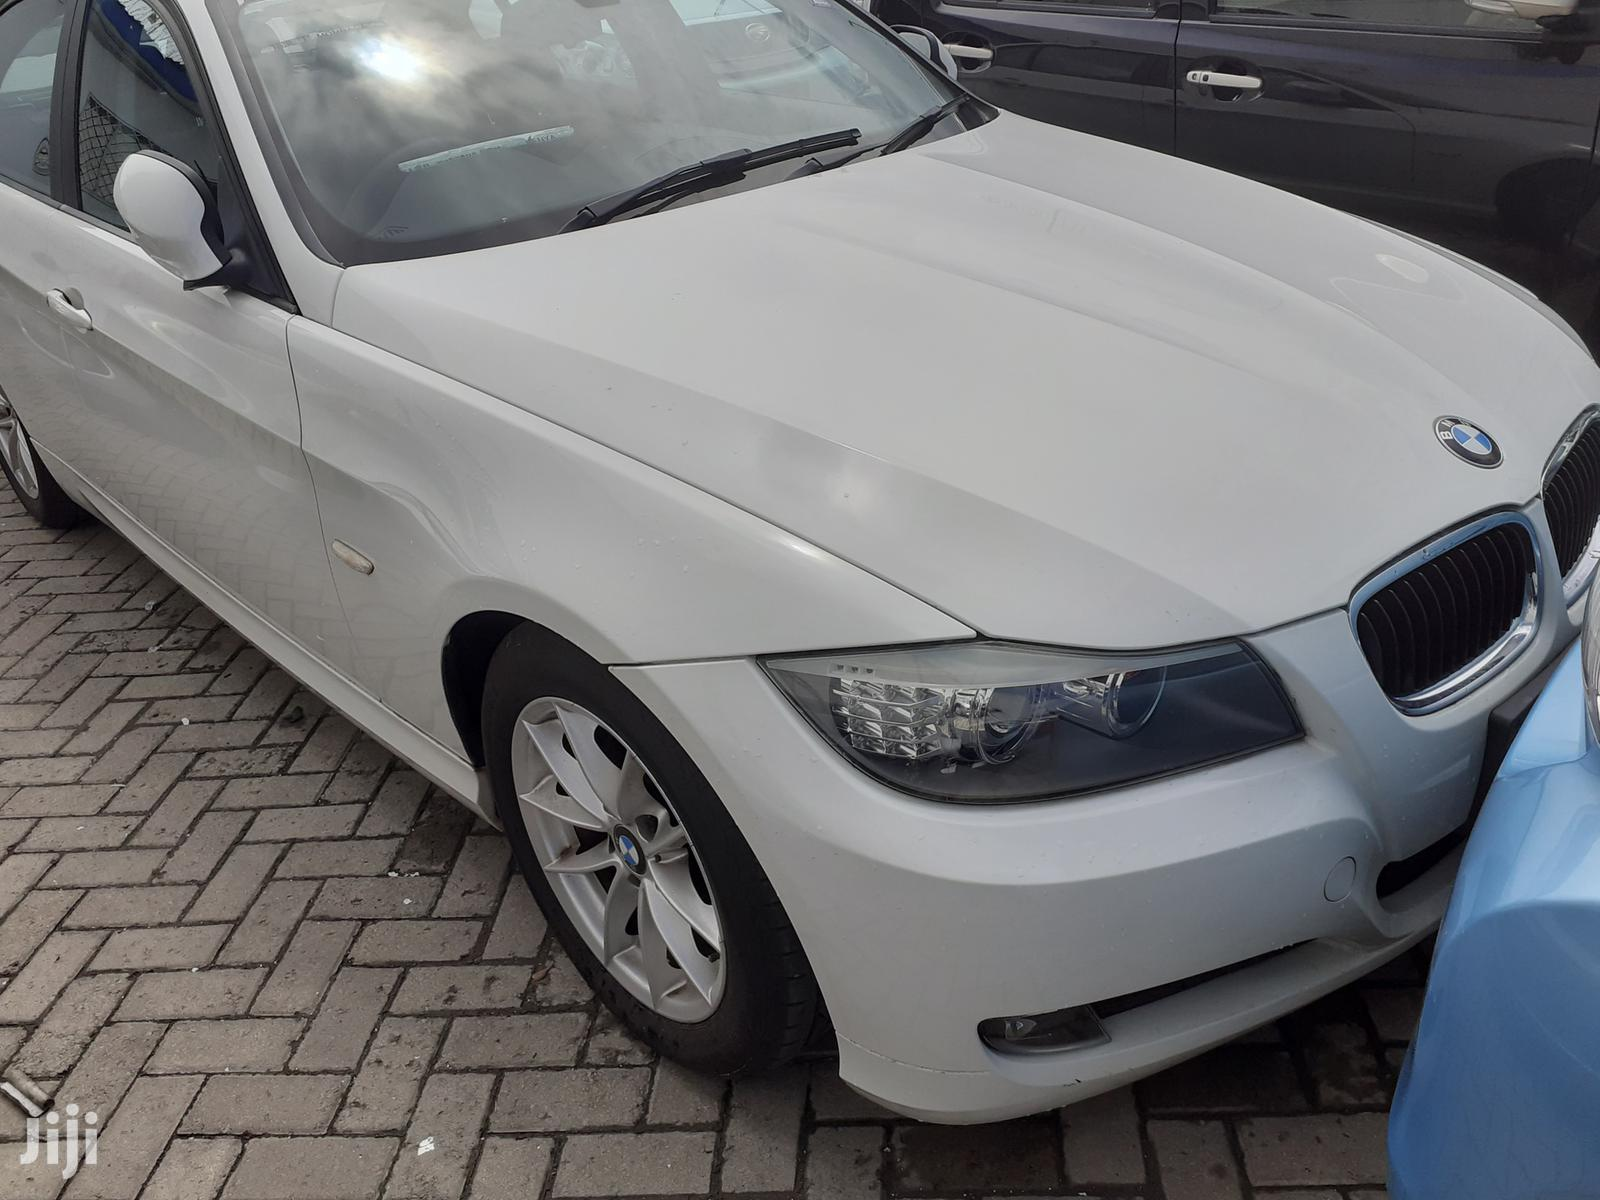 New BMW 320i 2012 White | Cars for sale in Mvita, Mombasa, Kenya